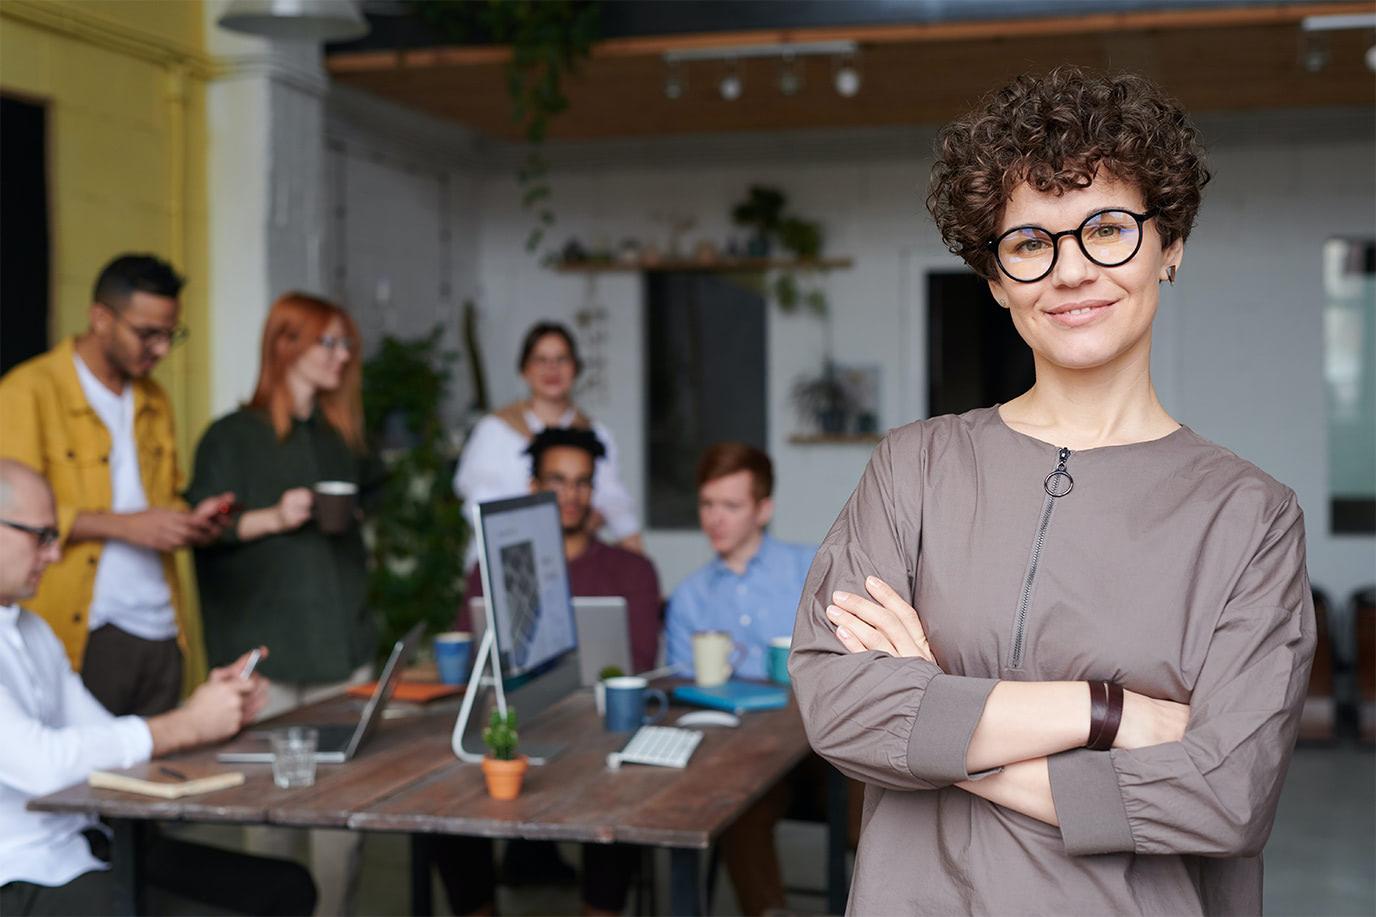 Développer des leaders responsables pour des entreprises responsables